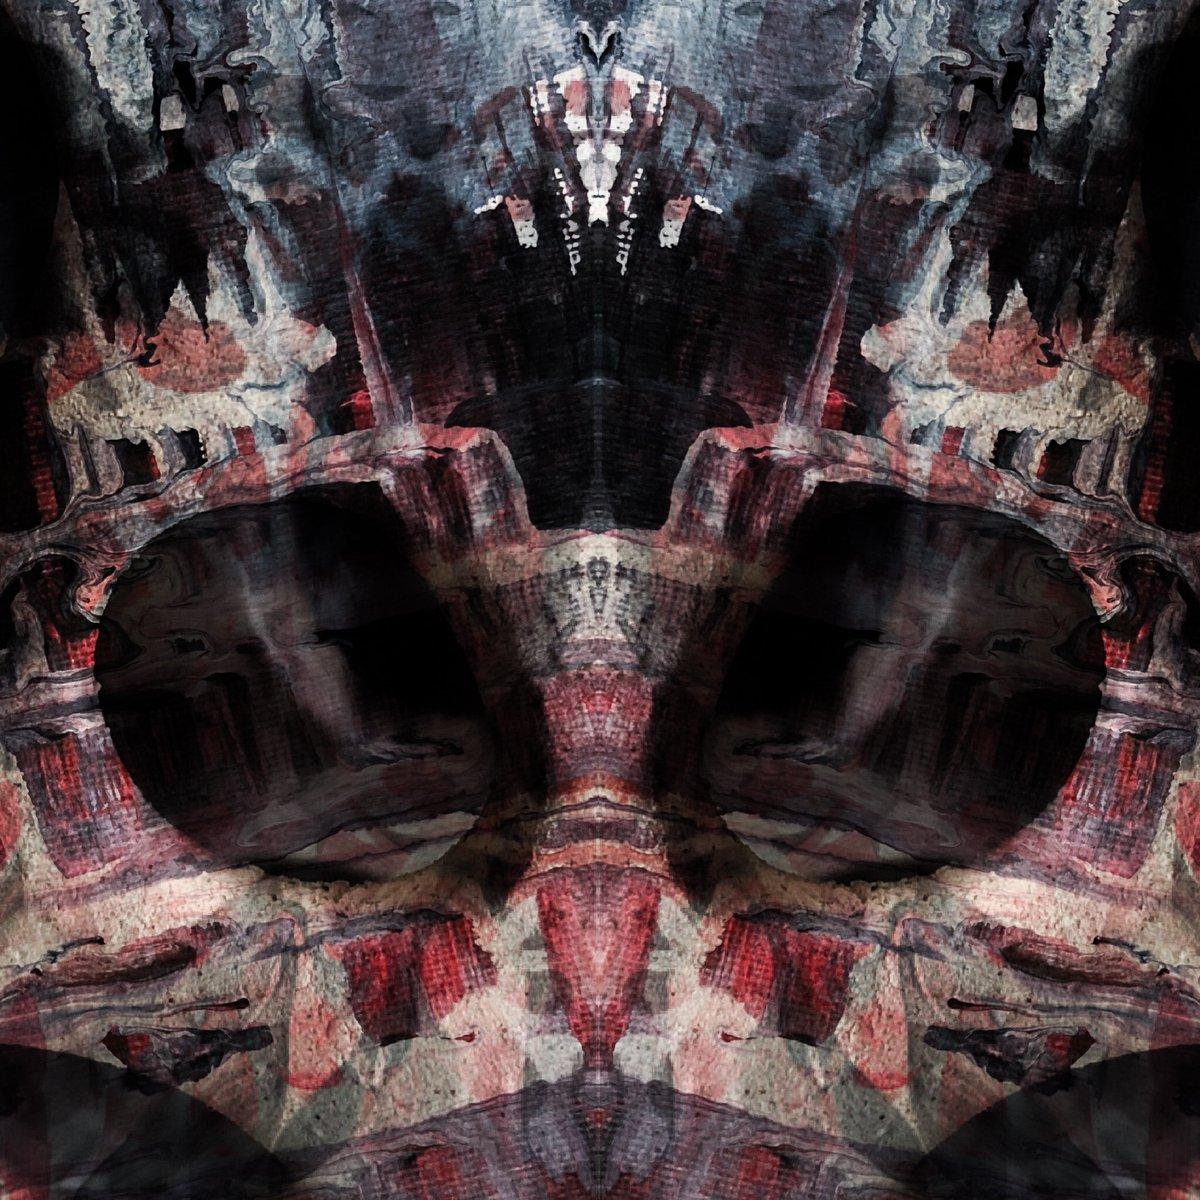 #キング #KING  #symmetry  #artpop #artecontemporaneo #pintura #pinturacontemporanea #arteabstracto #abstraktekunst #instaartist #instaart #artsy  #artlovers #artcollector #artaddict #inspiration #painter #art #artwork #発達障害ってホントに何かに特化する才能を持つことがある